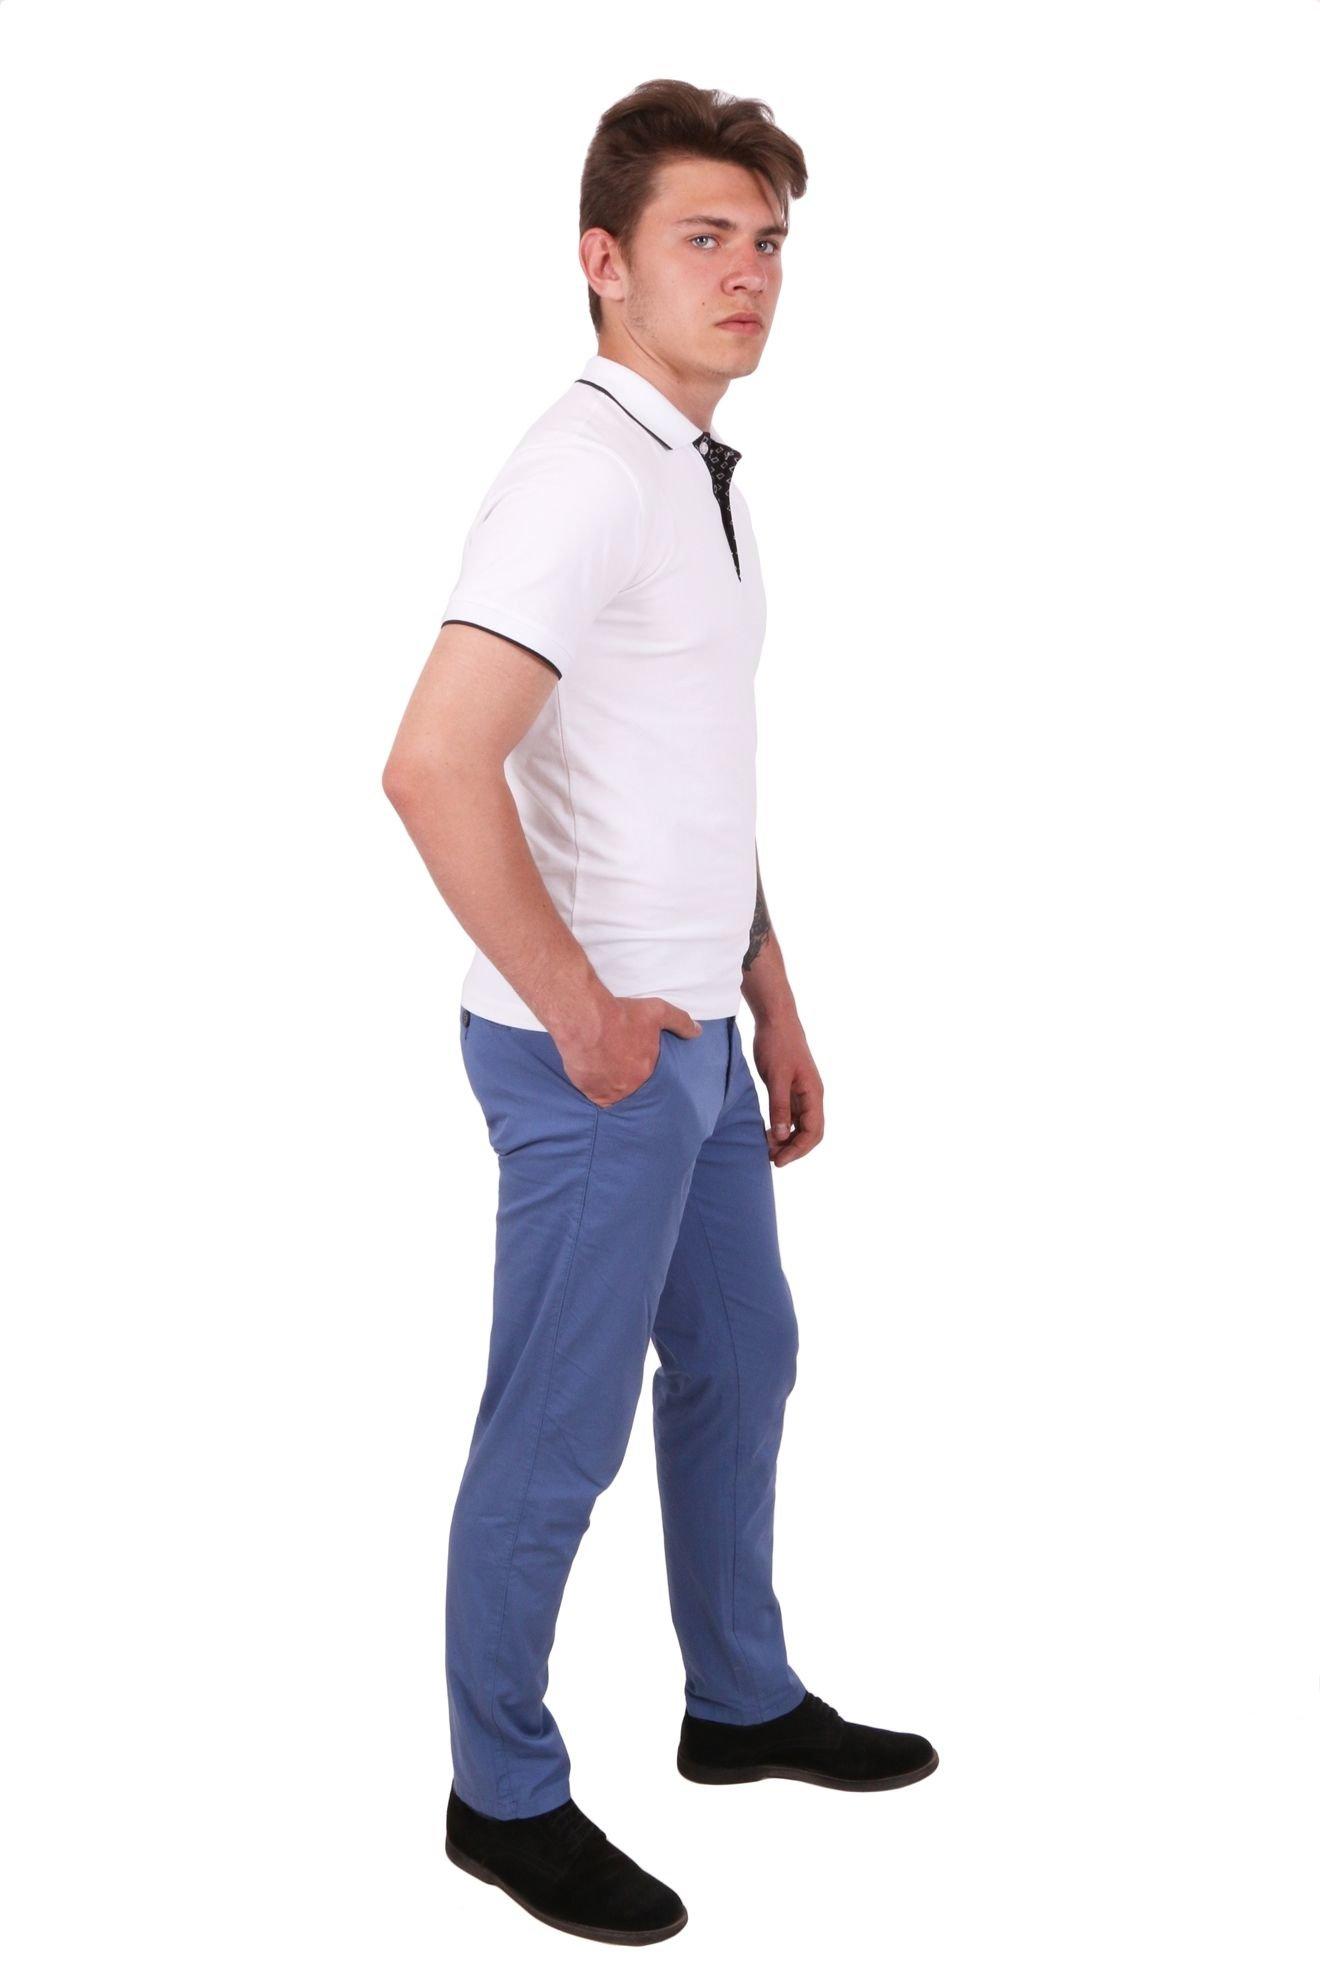 Брюки хлопковые светло-синие  (Арт. JEANS 0051)